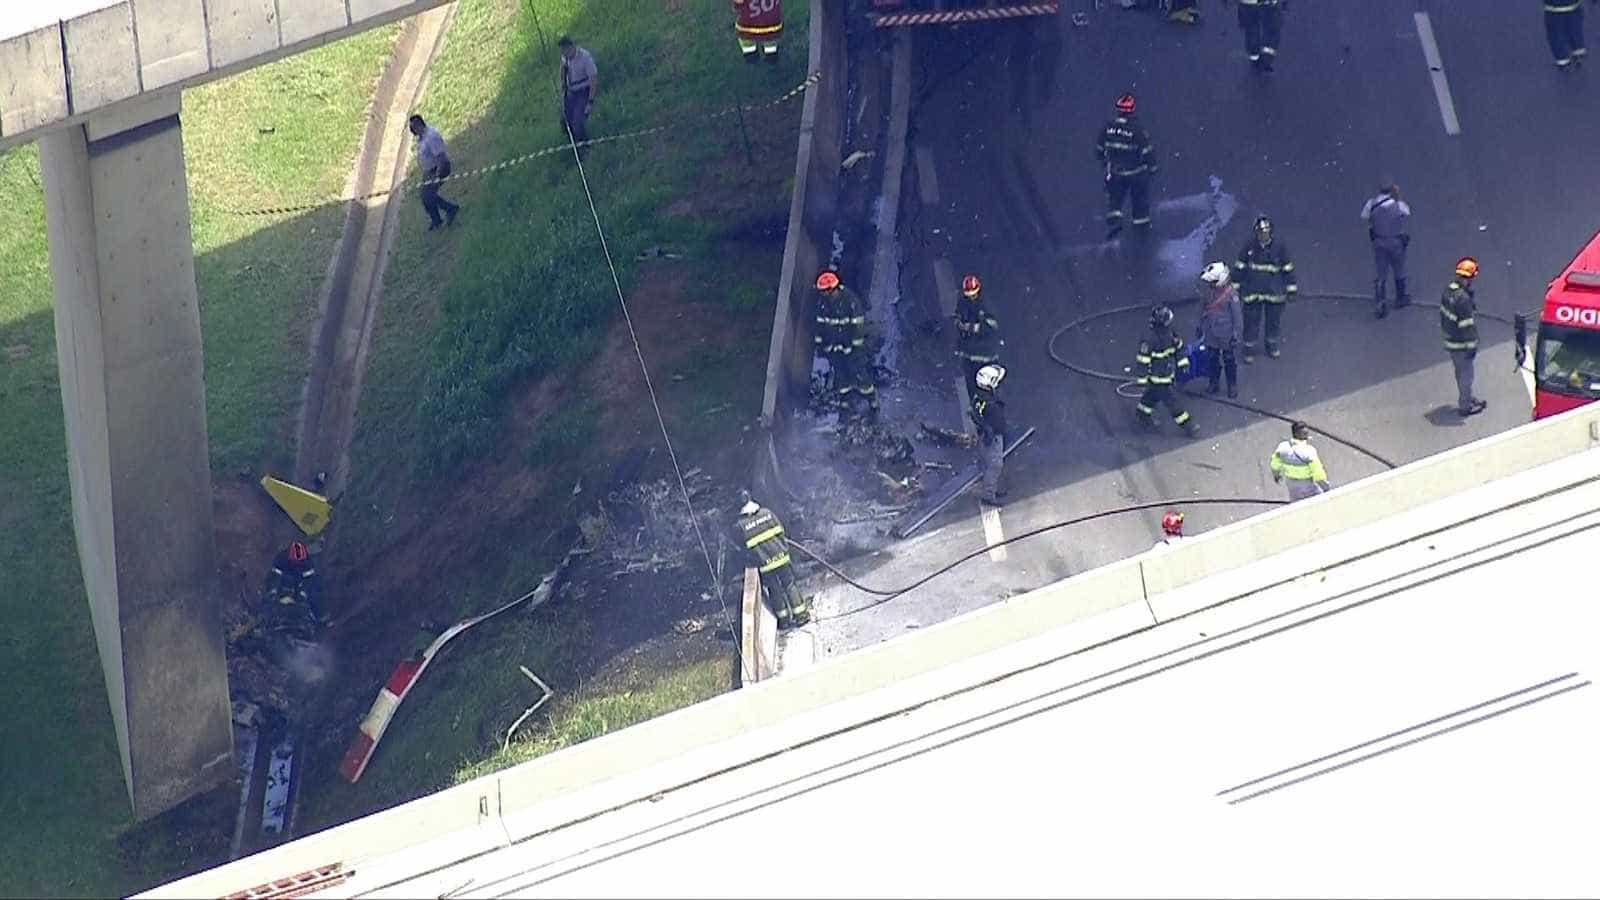 Vídeo mostra incêndio após queda de helicóptero que matou Boechat em SP